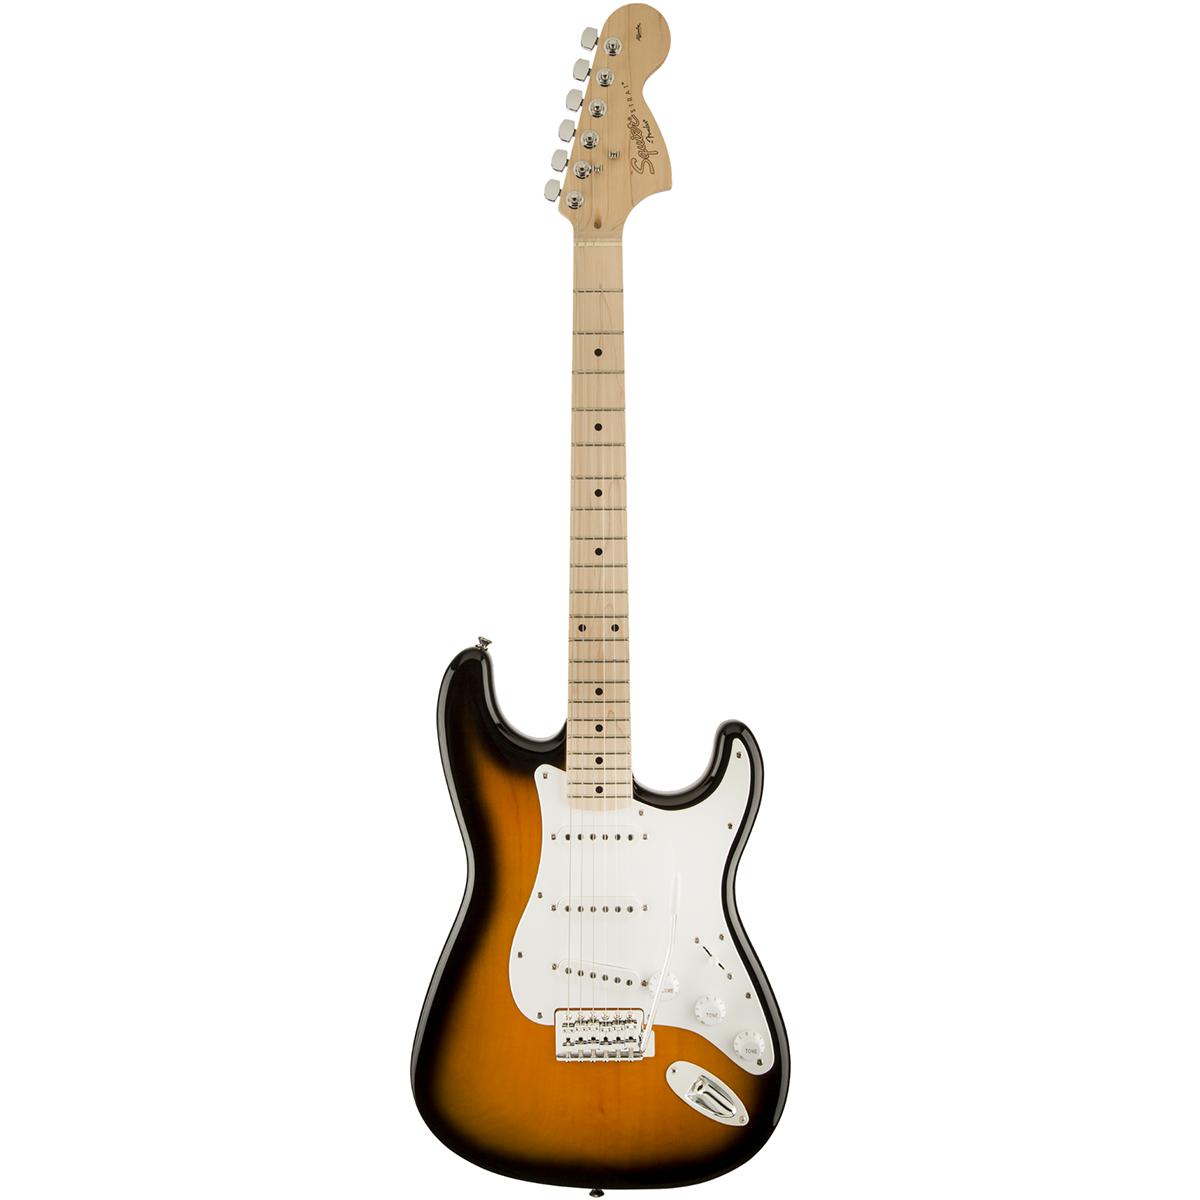 Billede af FenderSquier AffinitySeriesStratocaster,MN,2TS el-guitar 2-tonesunburst